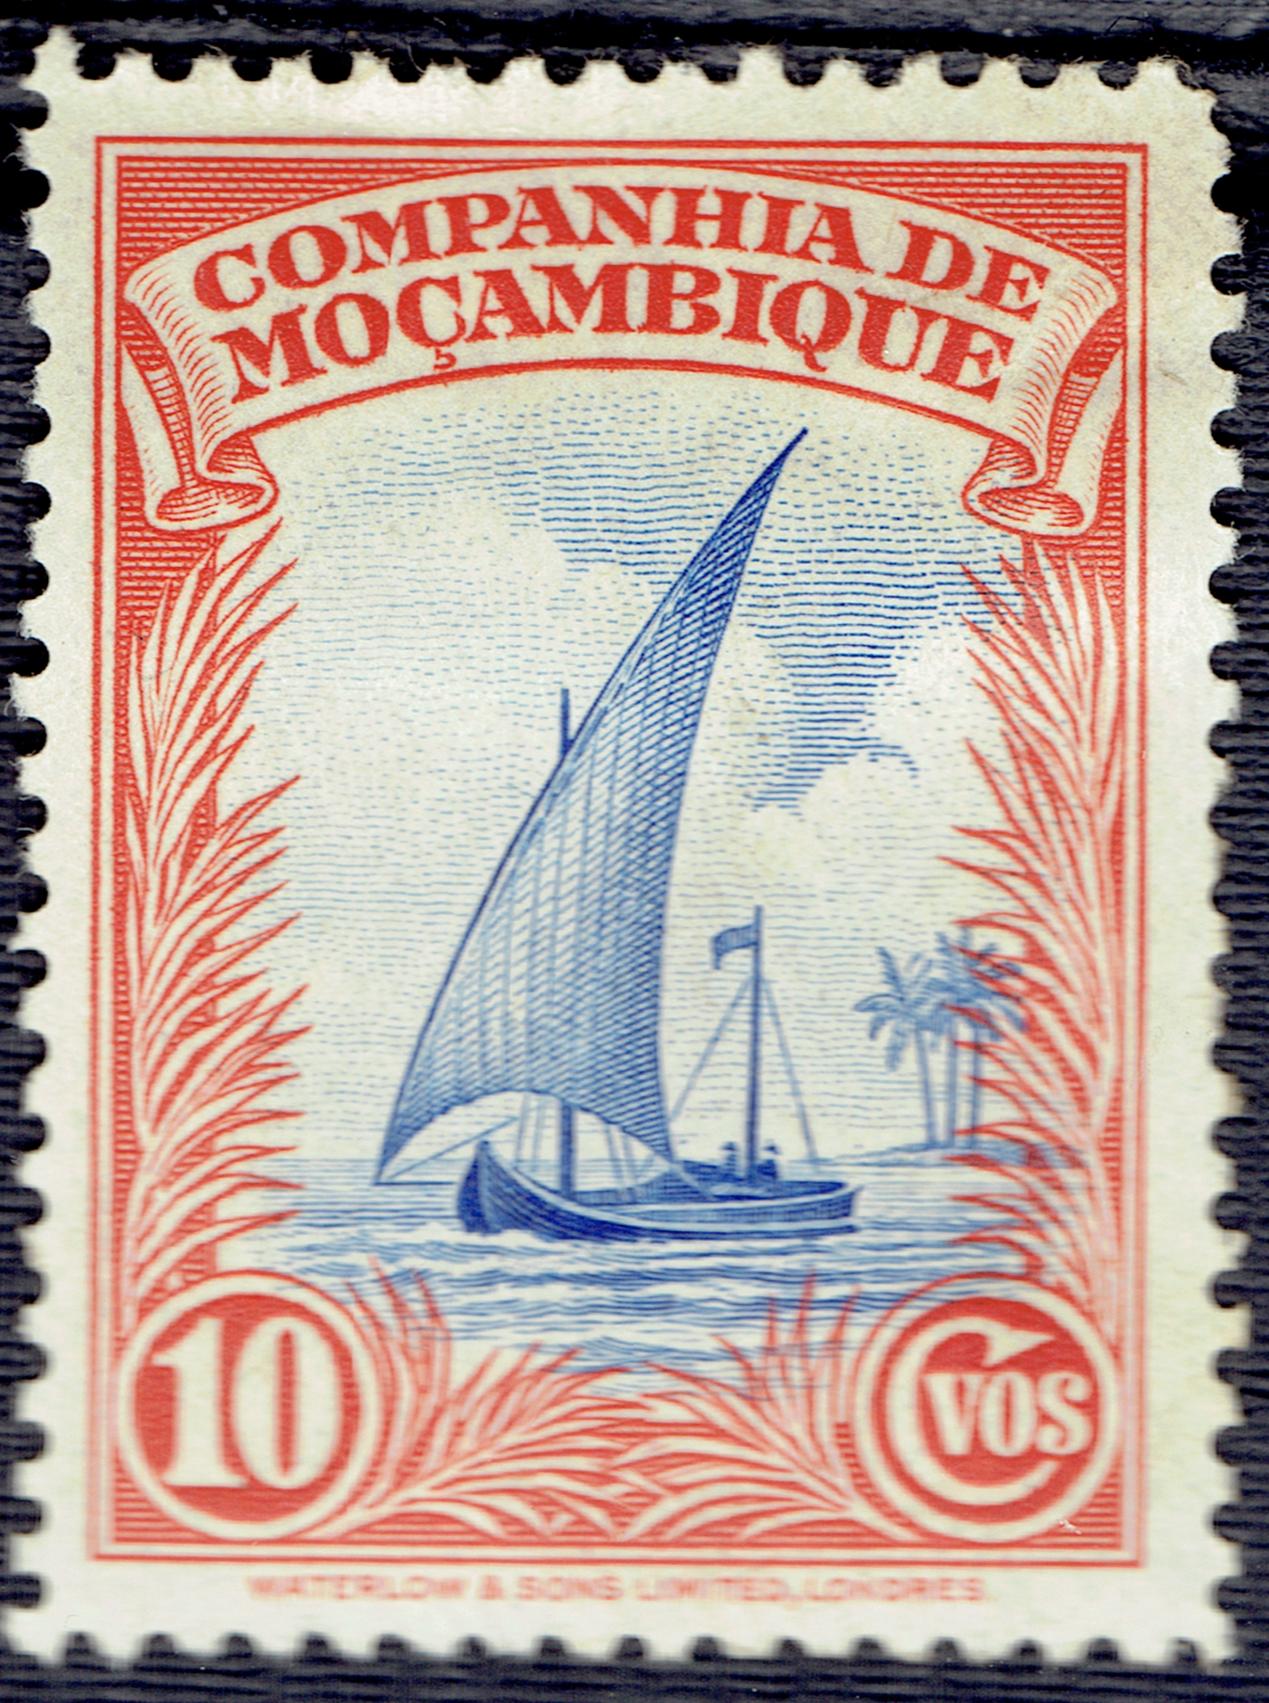 Mozambique Company - Scott #177 (1937)